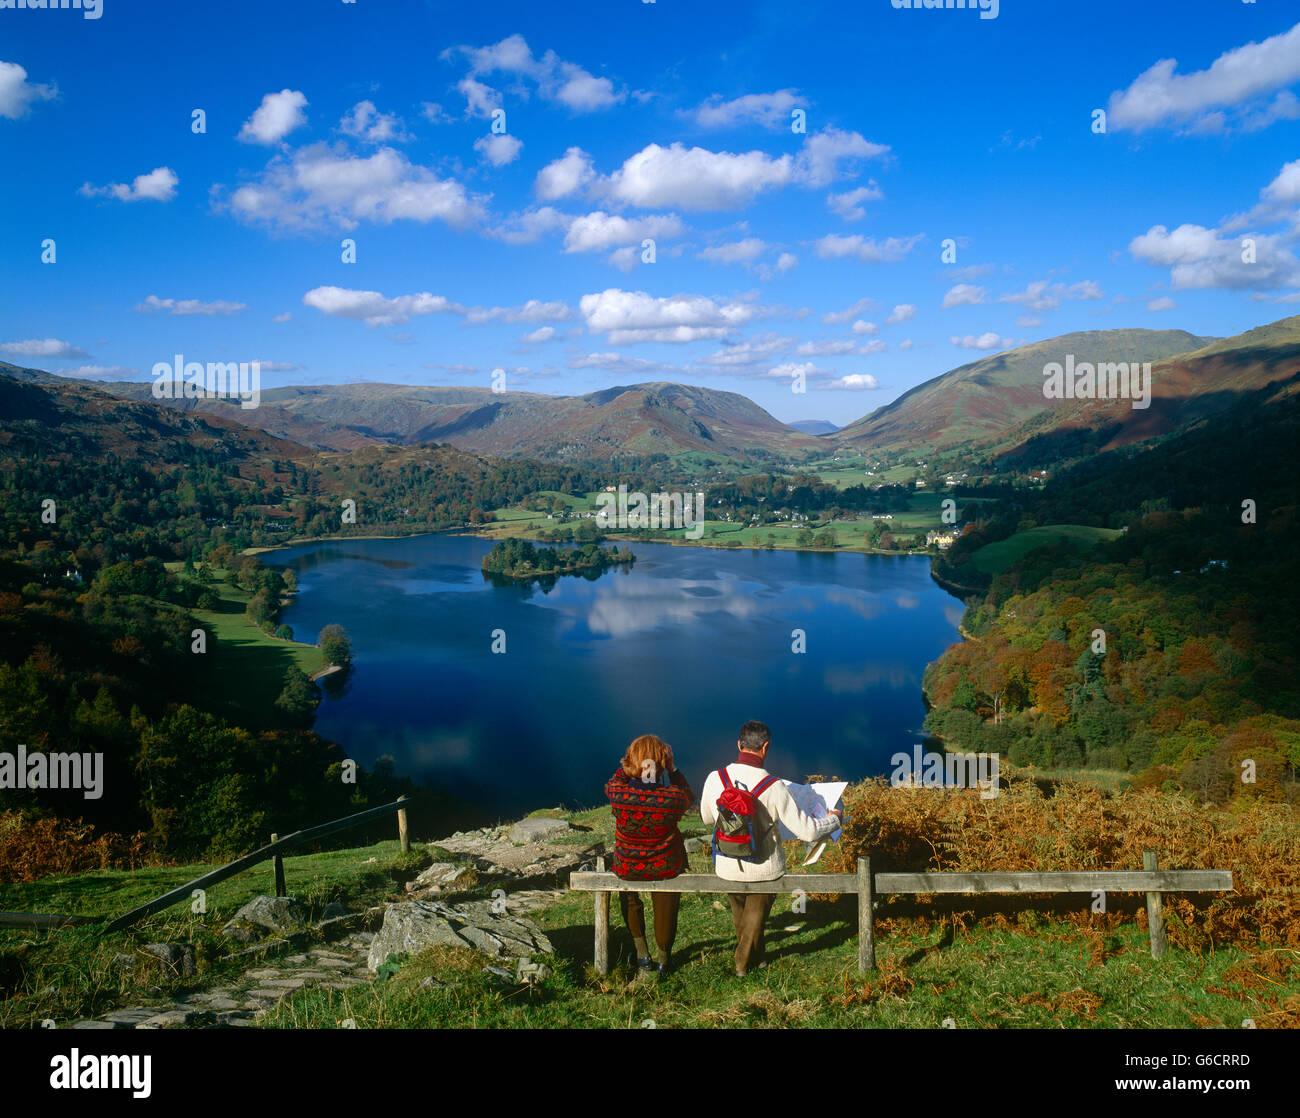 Affichage des randonneurs dans le district du lac de Grasmere, Cumbria, England, UK Banque D'Images